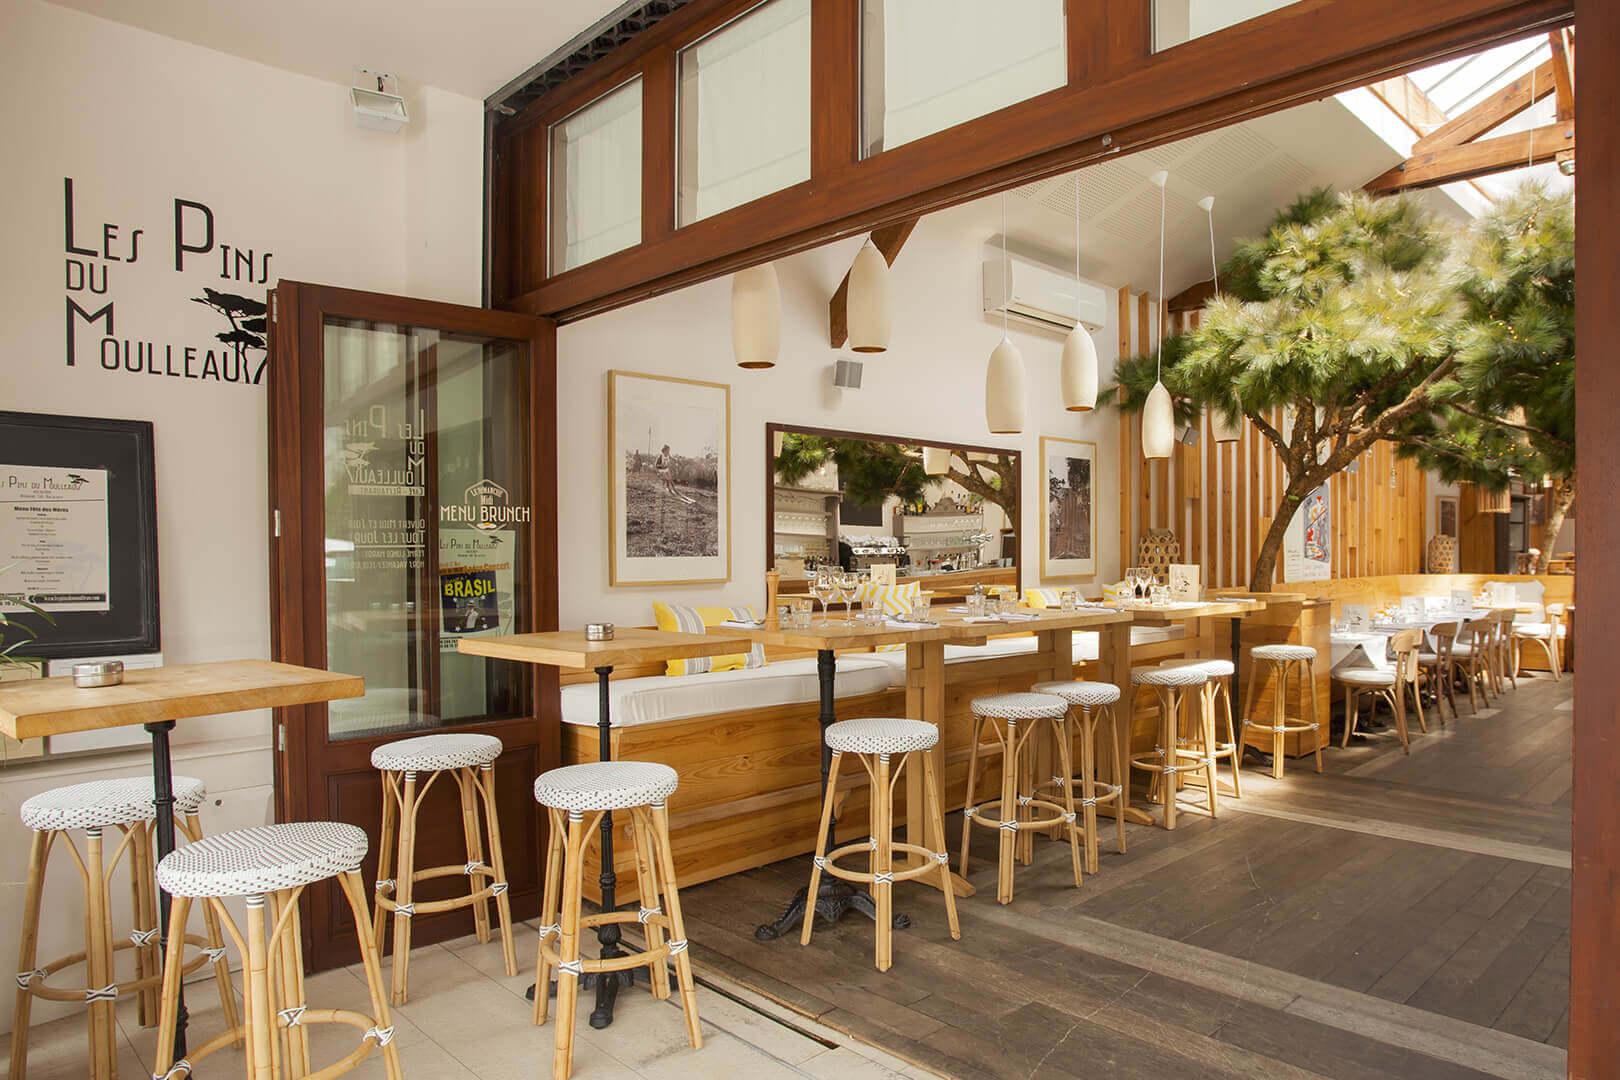 restaurant rue moulleau brunch dimanche